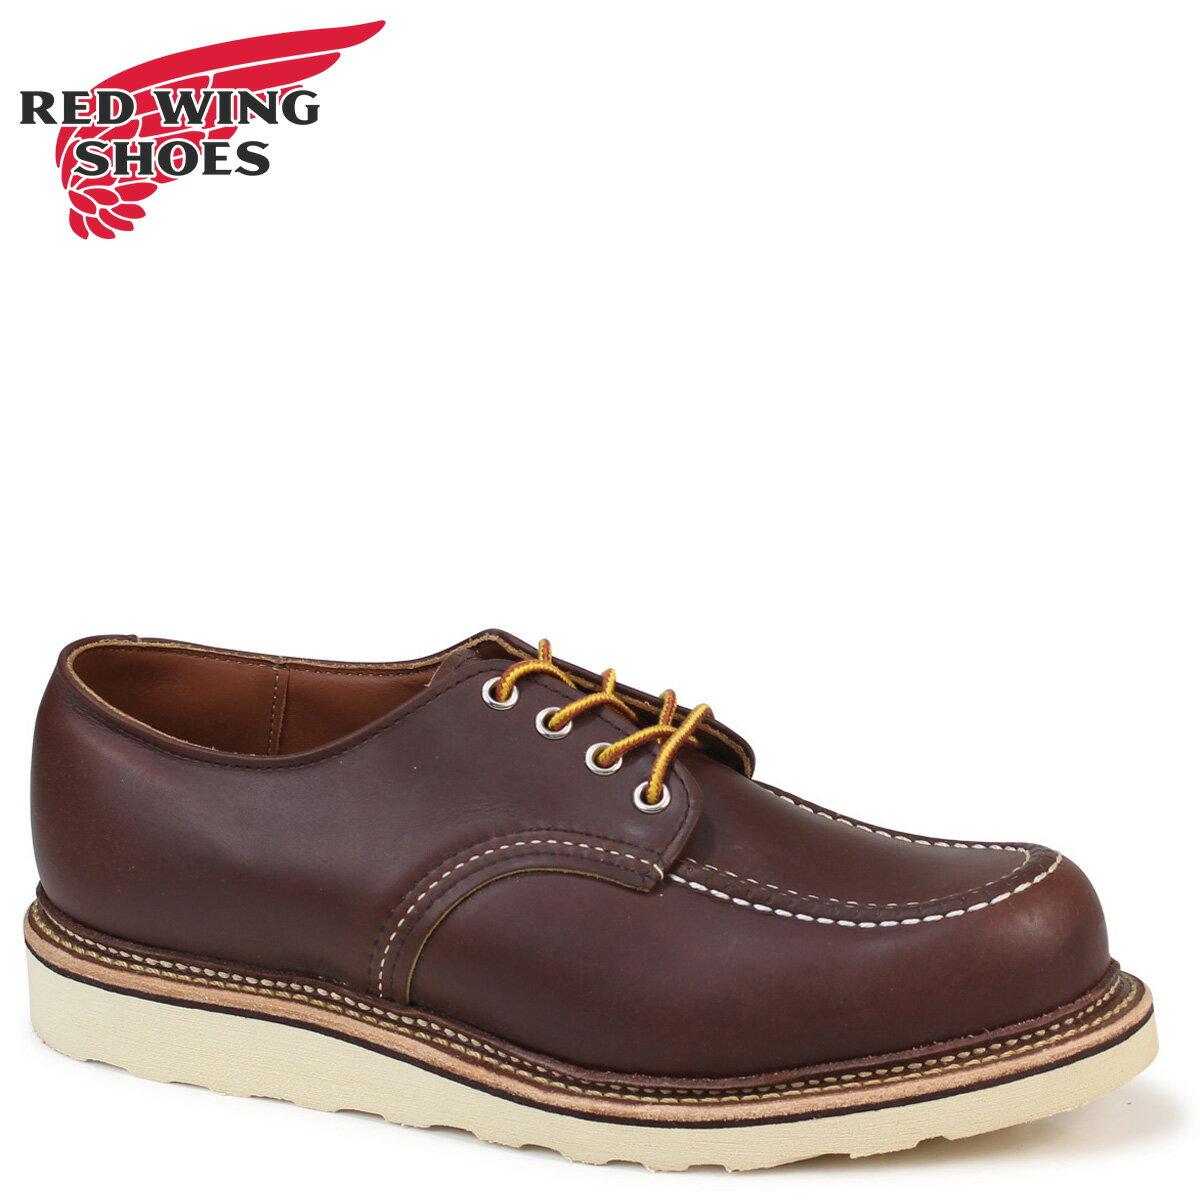 SneaK Online Shop | Rakuten Global Market: Redwing RED WING boots ...